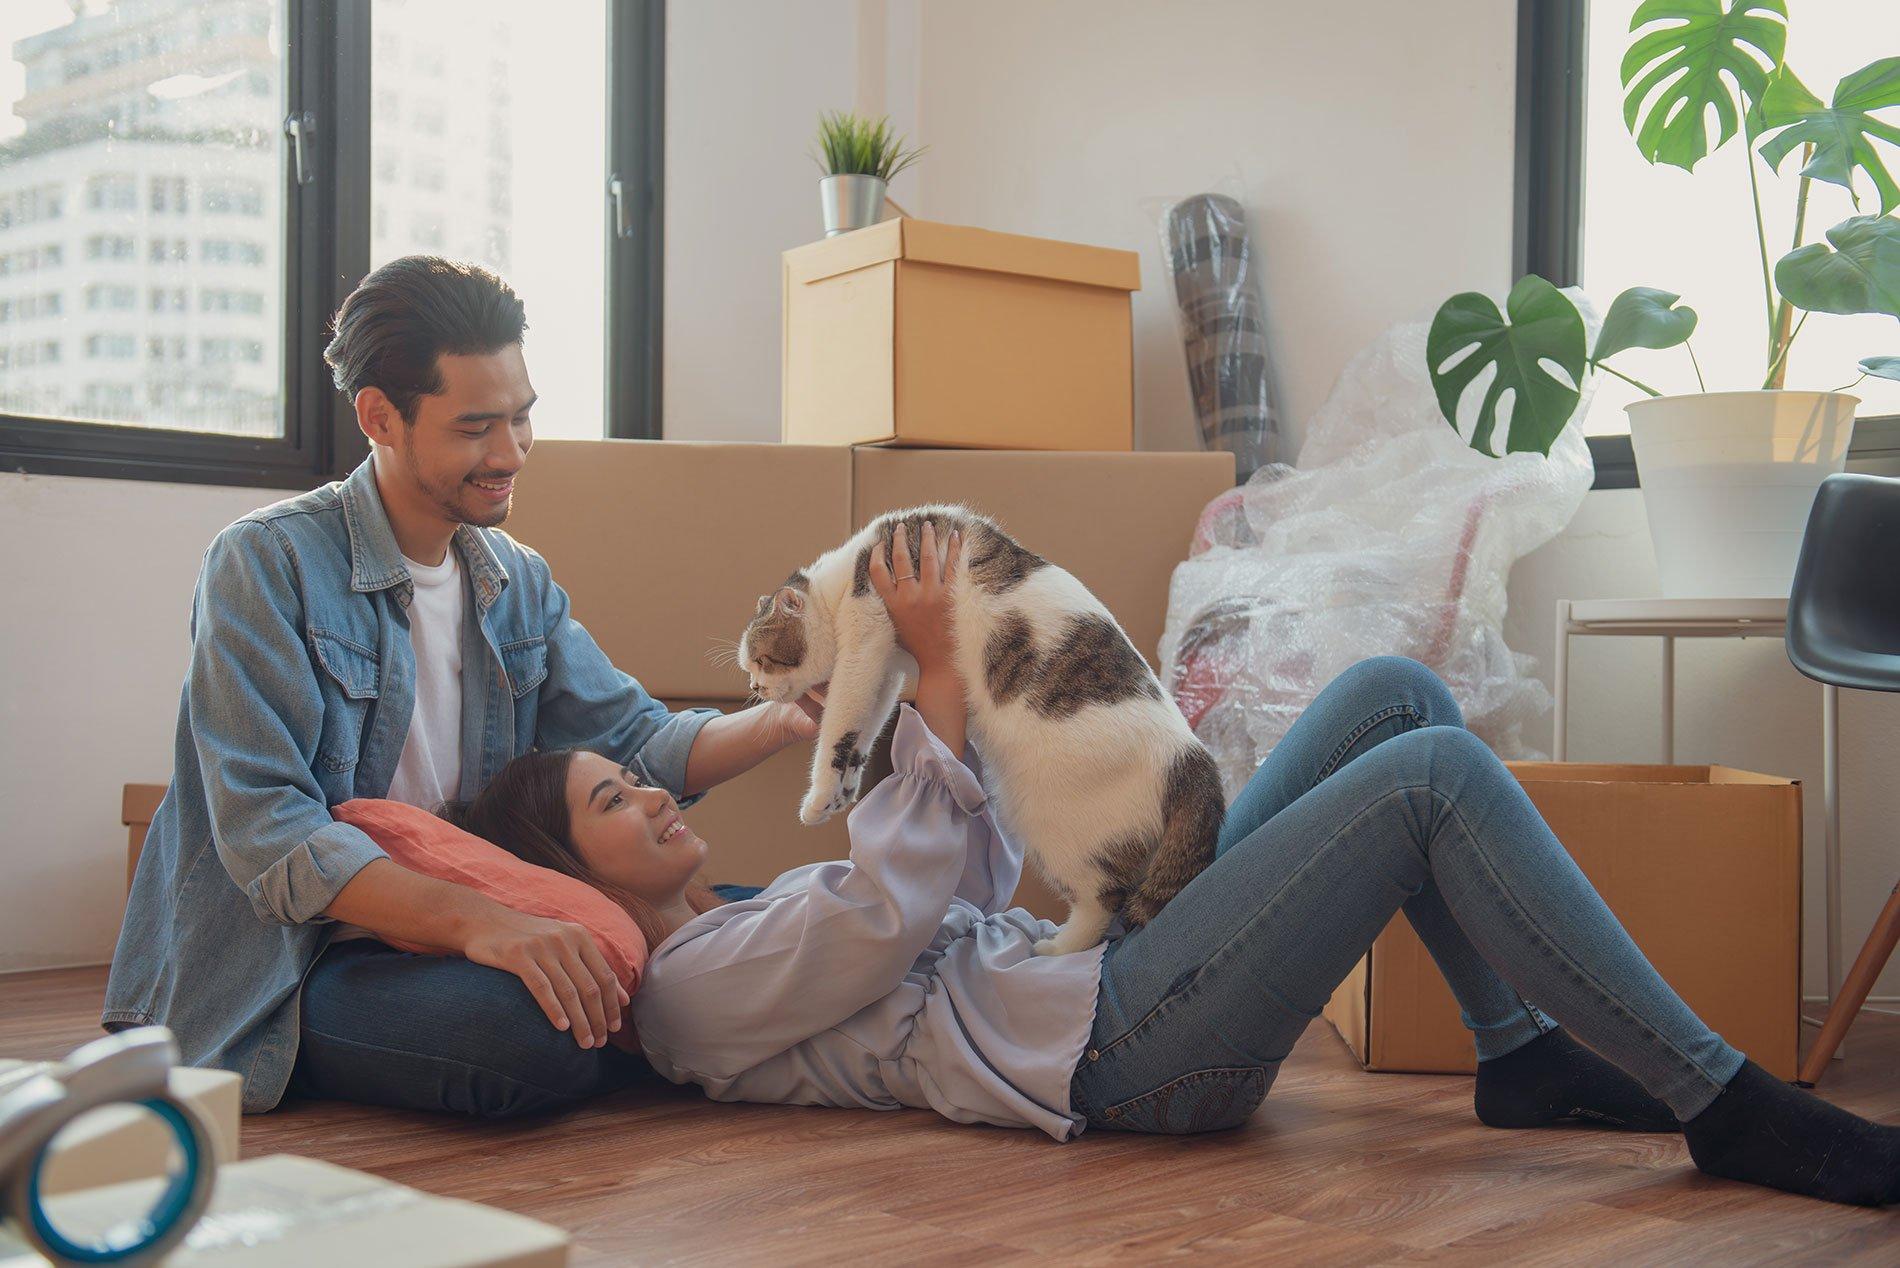 Pet Friendly Housing On Oahu 2019